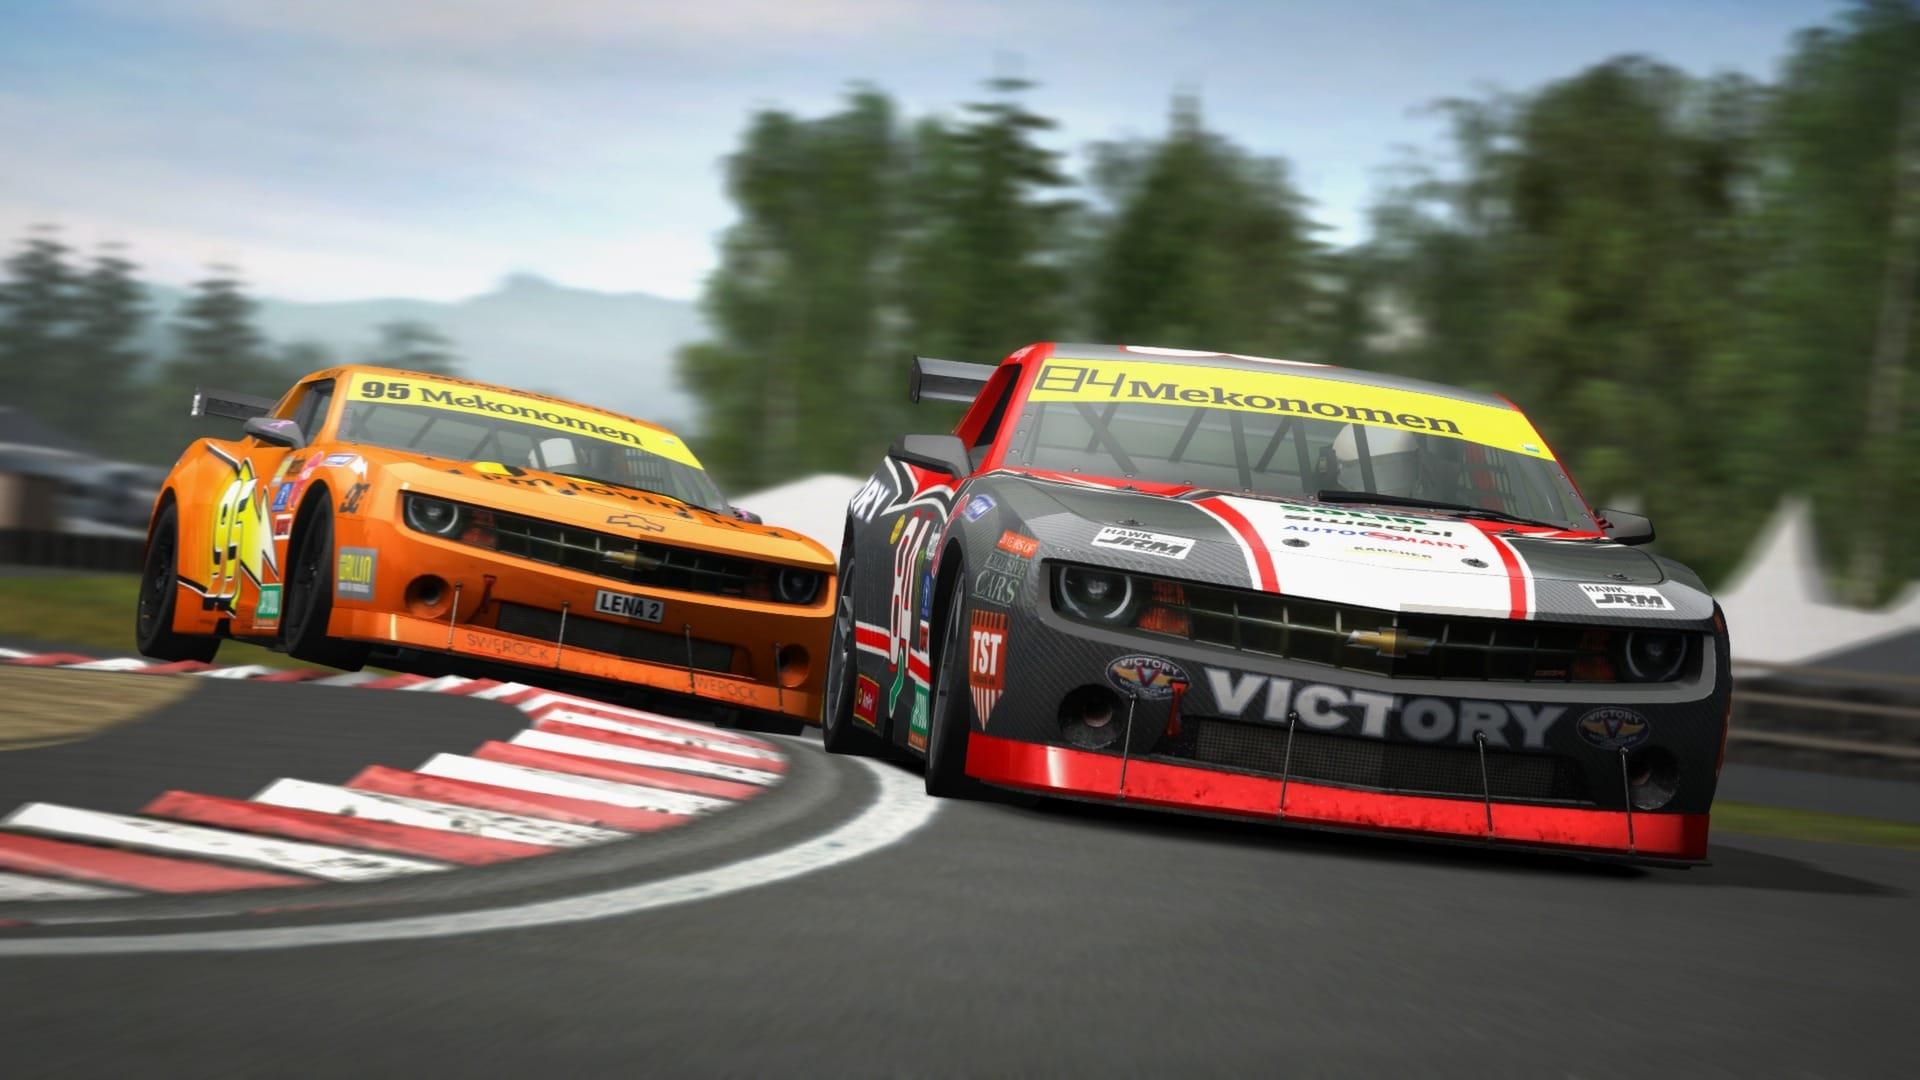 Онлайн гонки другими игроками гонки 2 мультфильм смотреть онлайн бесплатно в хорошем качестве